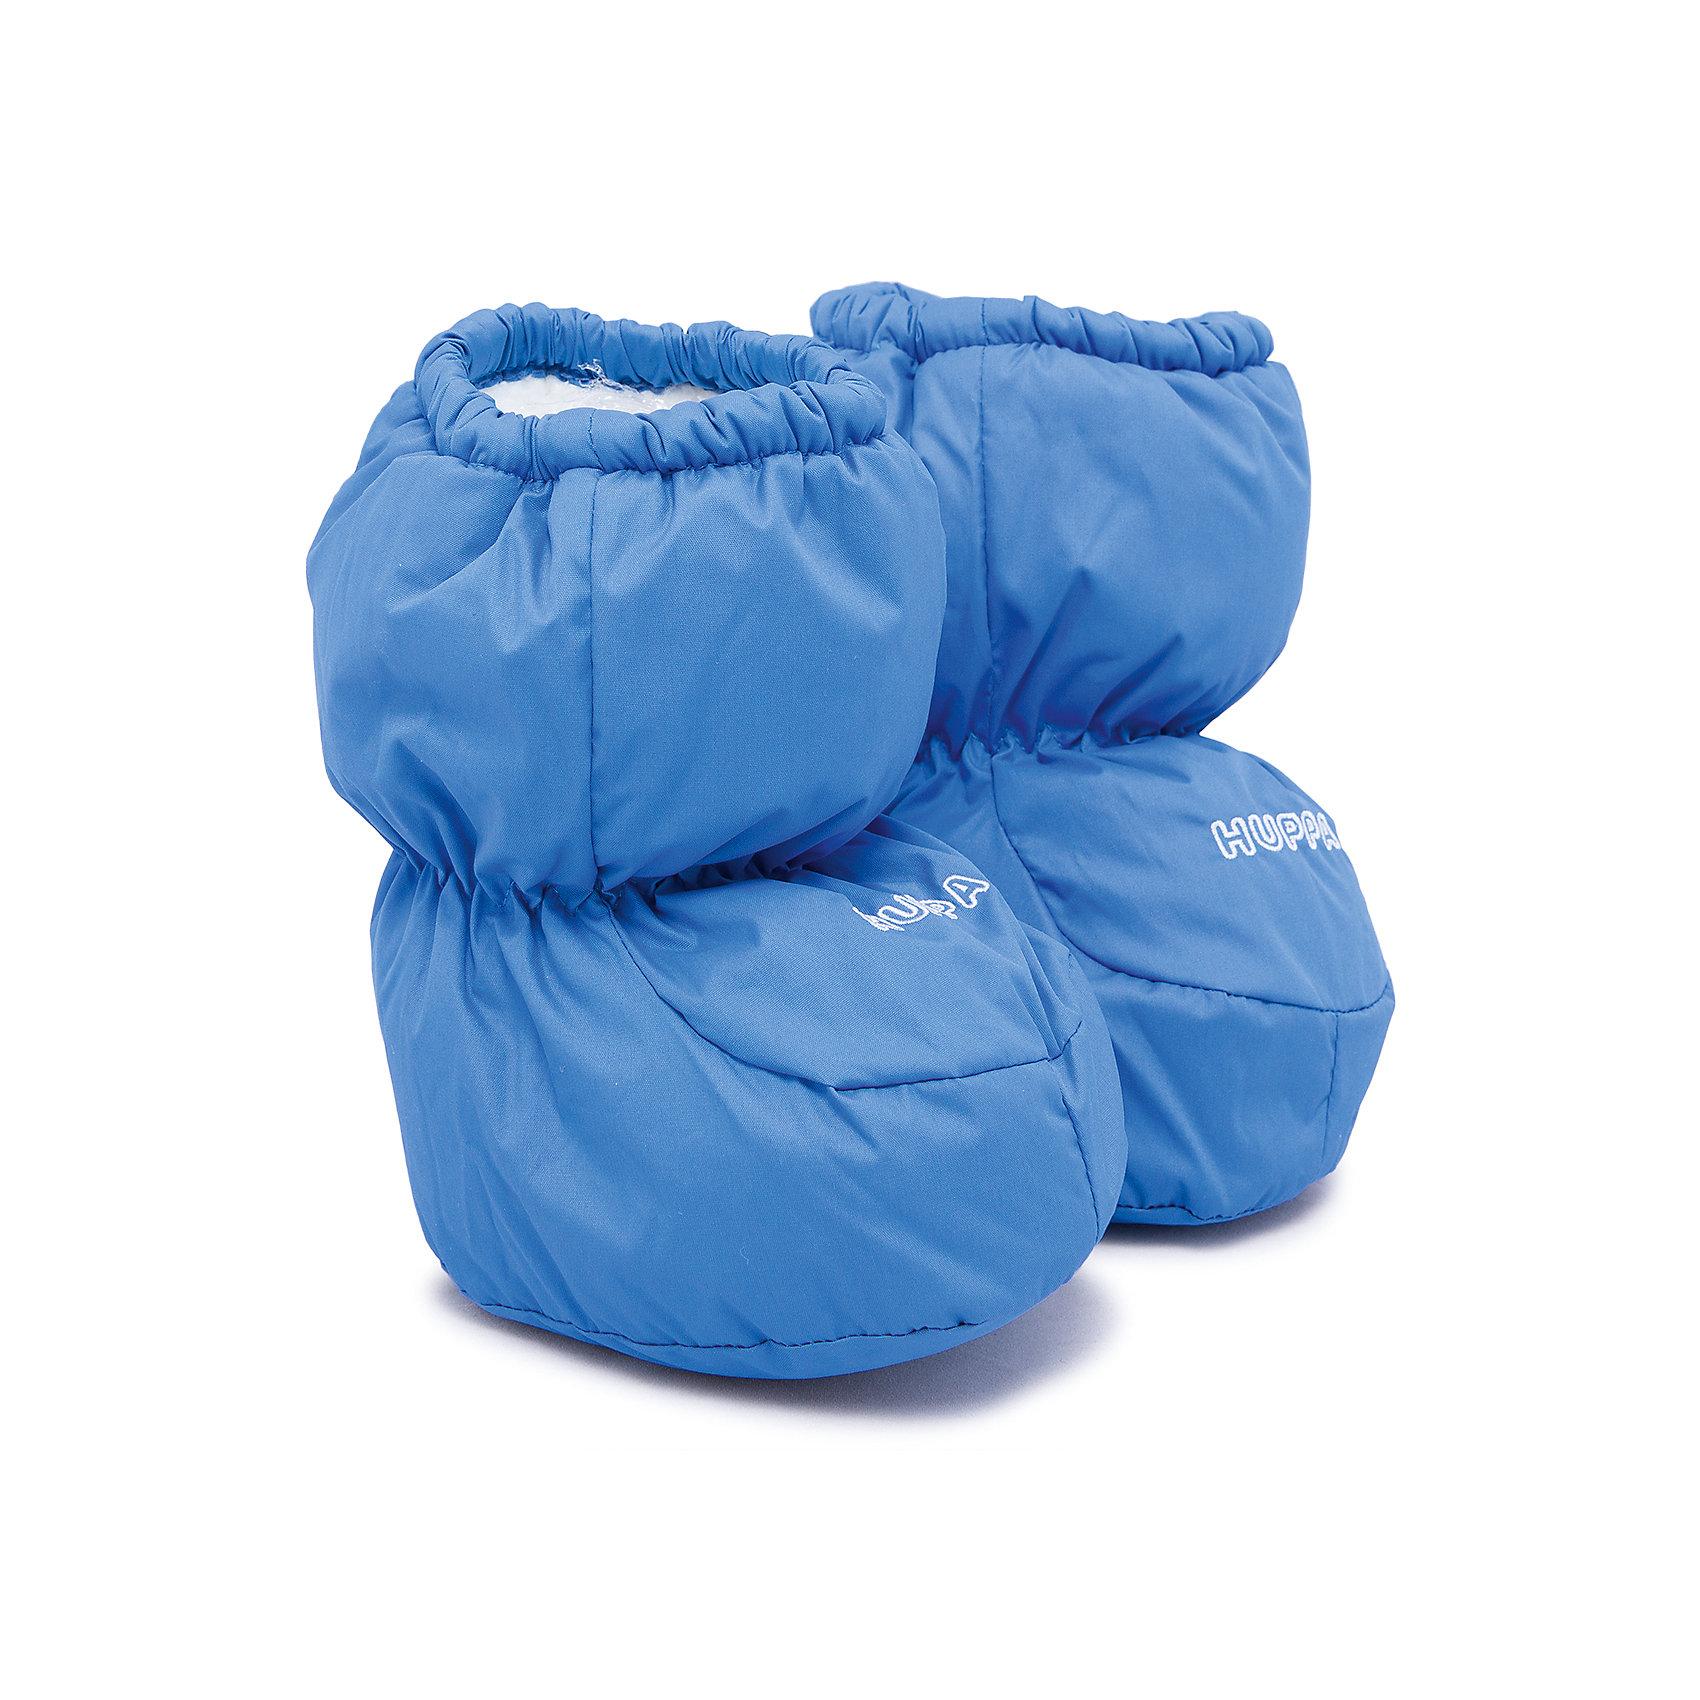 Пинетки HuppaПинетки и царапки<br>Пинетки  Huppa<br><br>Первые прогулочные пинетки для коляски, согреют Вашего малыша в прохладную погоду.<br><br>Состав: 100% Полиэстер<br><br>Ширина мм: 157<br>Глубина мм: 13<br>Высота мм: 119<br>Вес г: 200<br>Цвет: синий<br>Возраст от месяцев: 0<br>Возраст до месяцев: 12<br>Пол: Мужской<br>Возраст: Детский<br>Размер: one size<br>SKU: 4923945